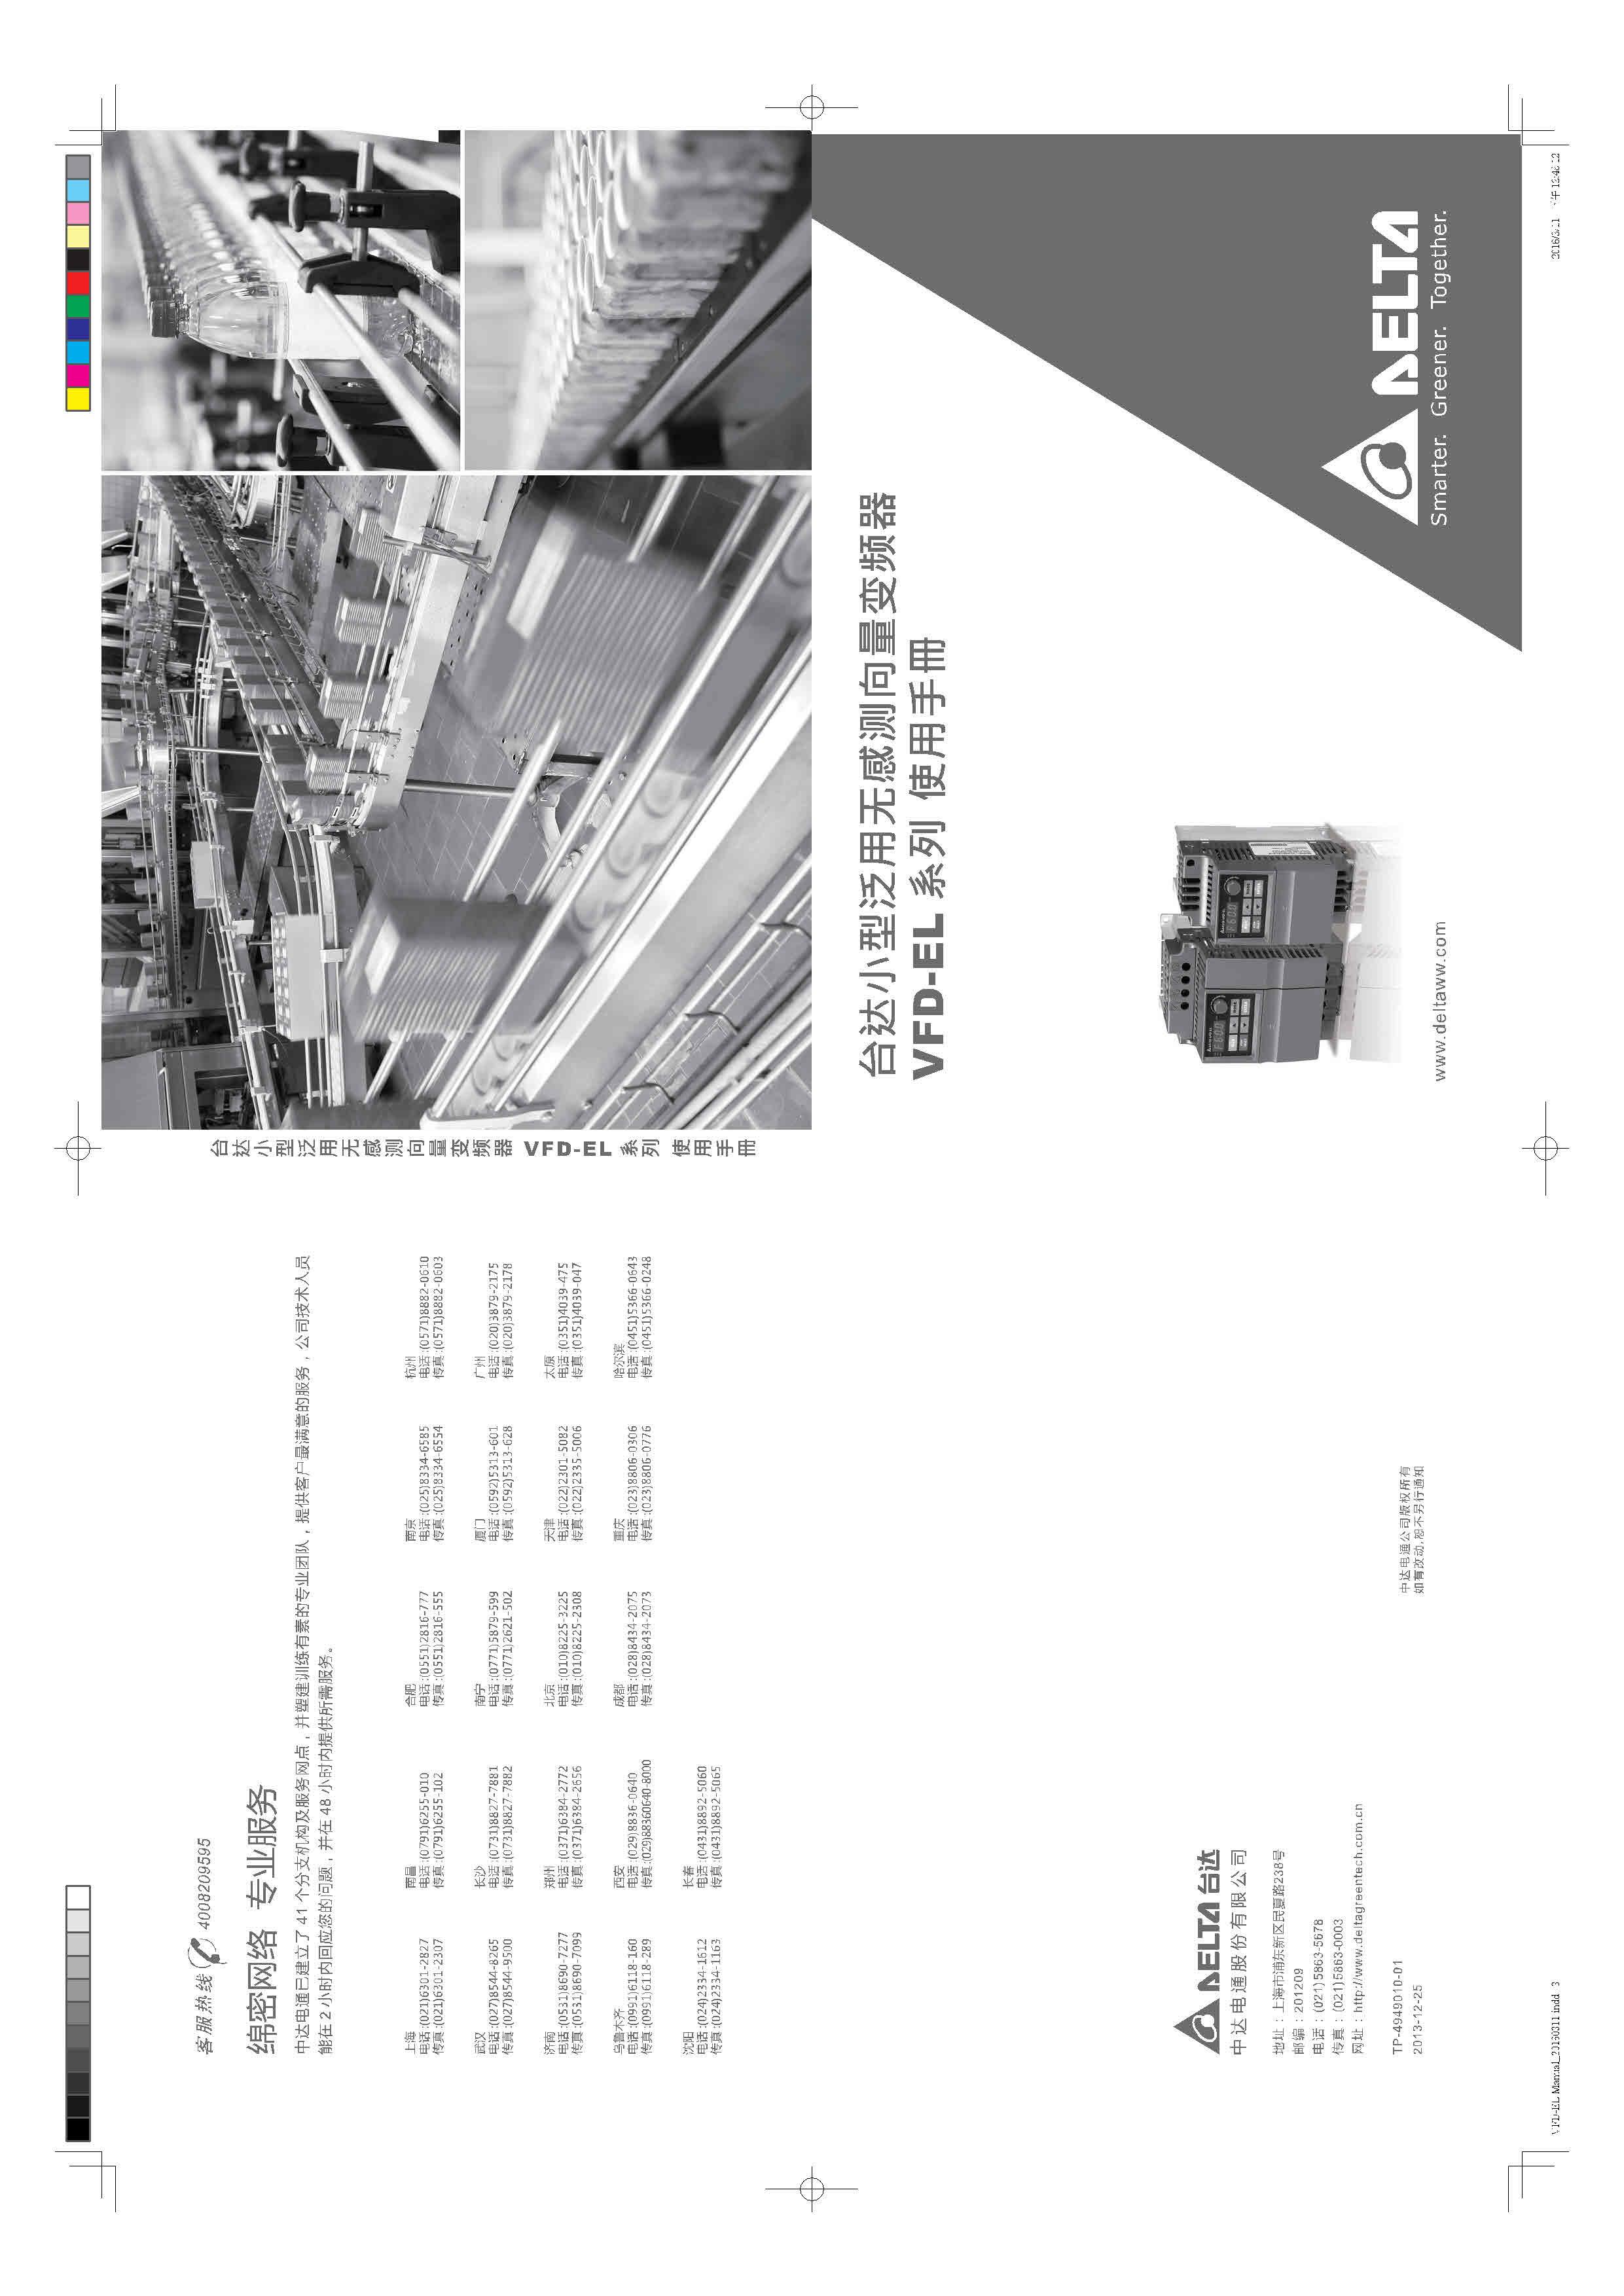 VFD-EL系列变频器使用手册